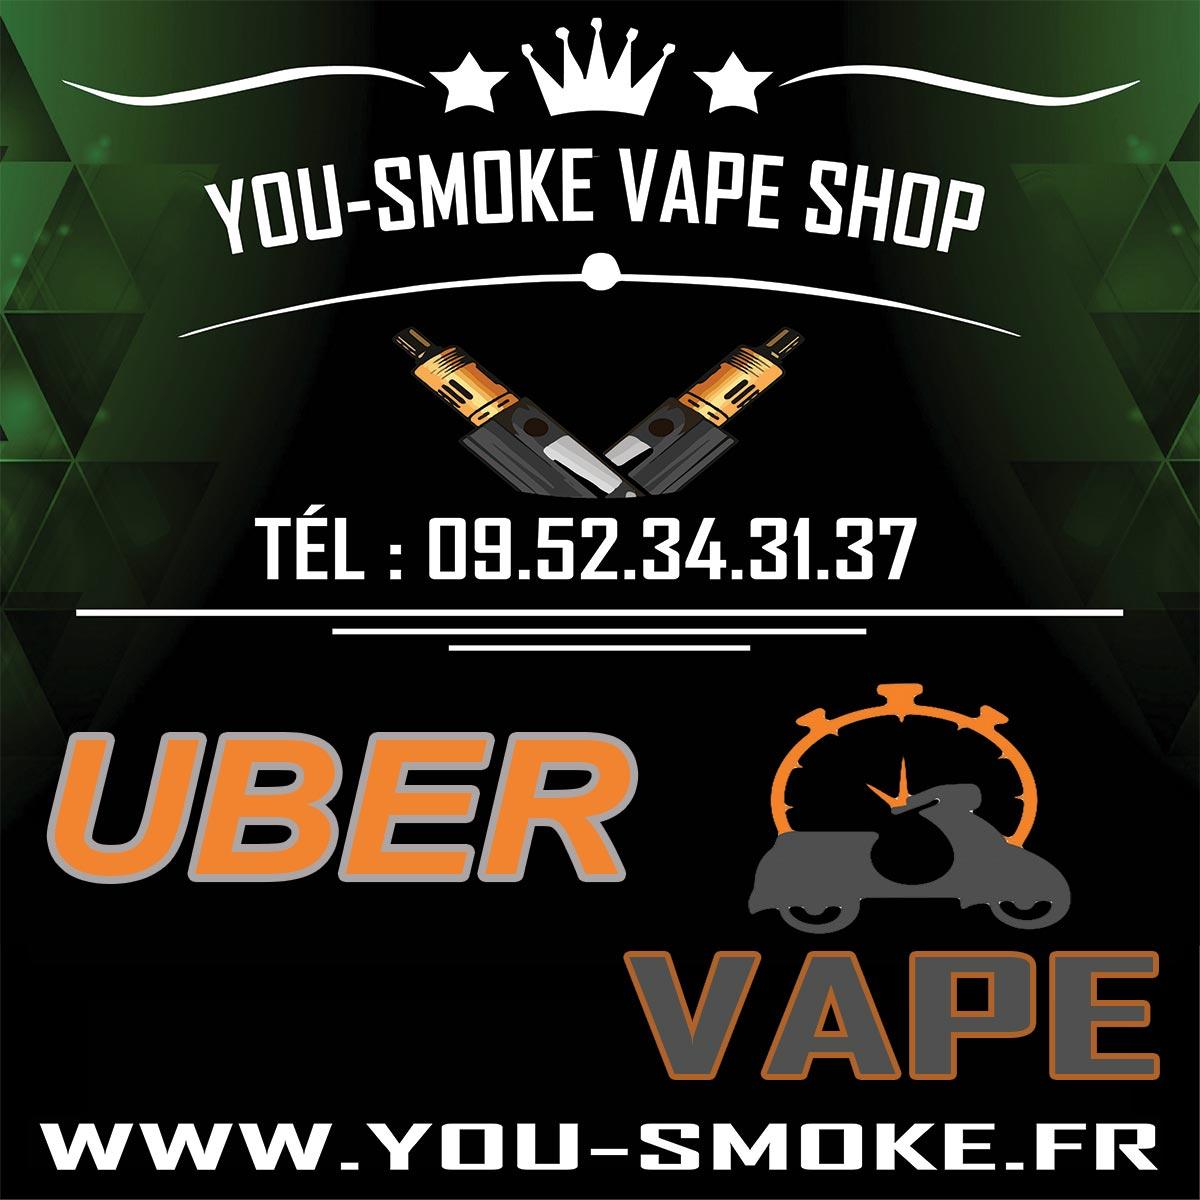 Livraison a domicile cigarette électronique et eliquide Uber vape par you-smoke